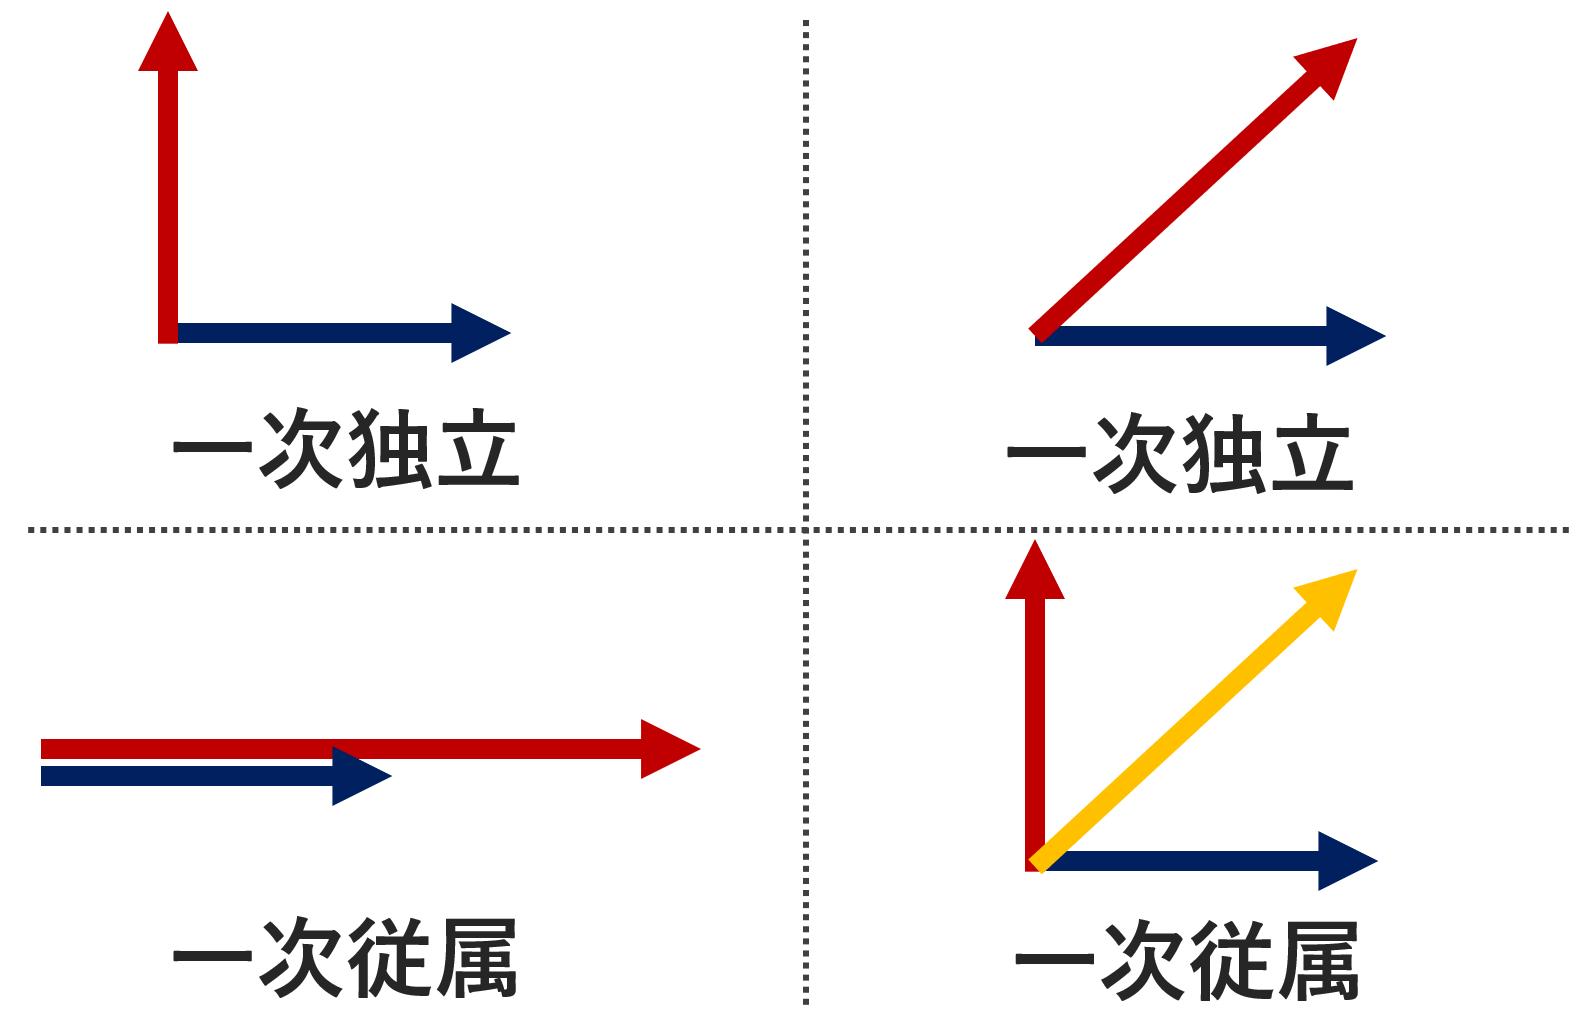 ベクトルの一次独立・一次従属の定義と具体例6つ